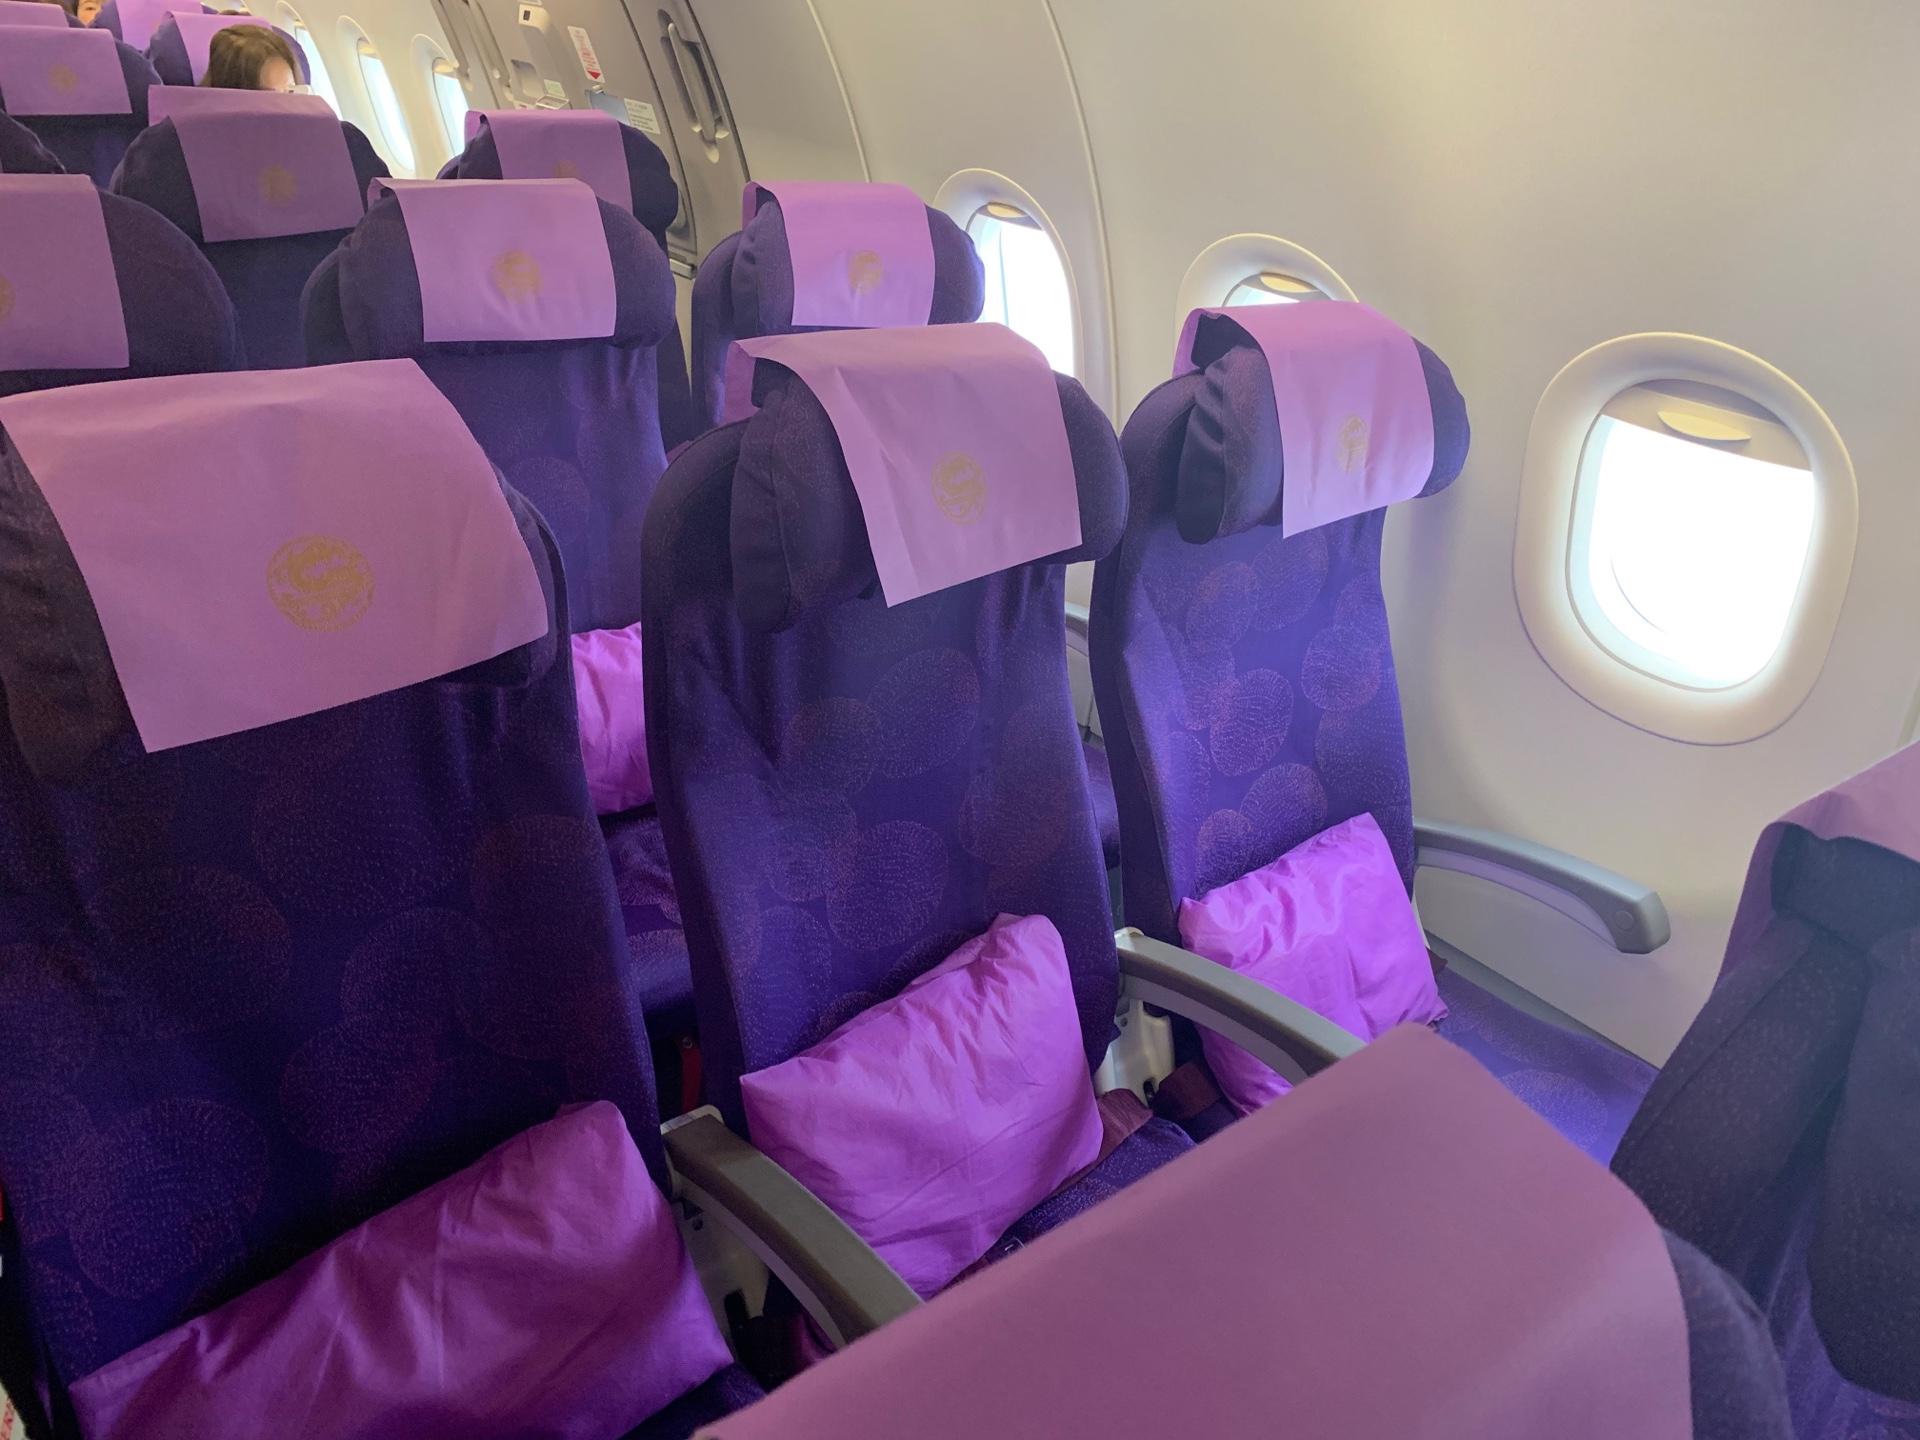 吉祥航空(エコノミークラス)座席